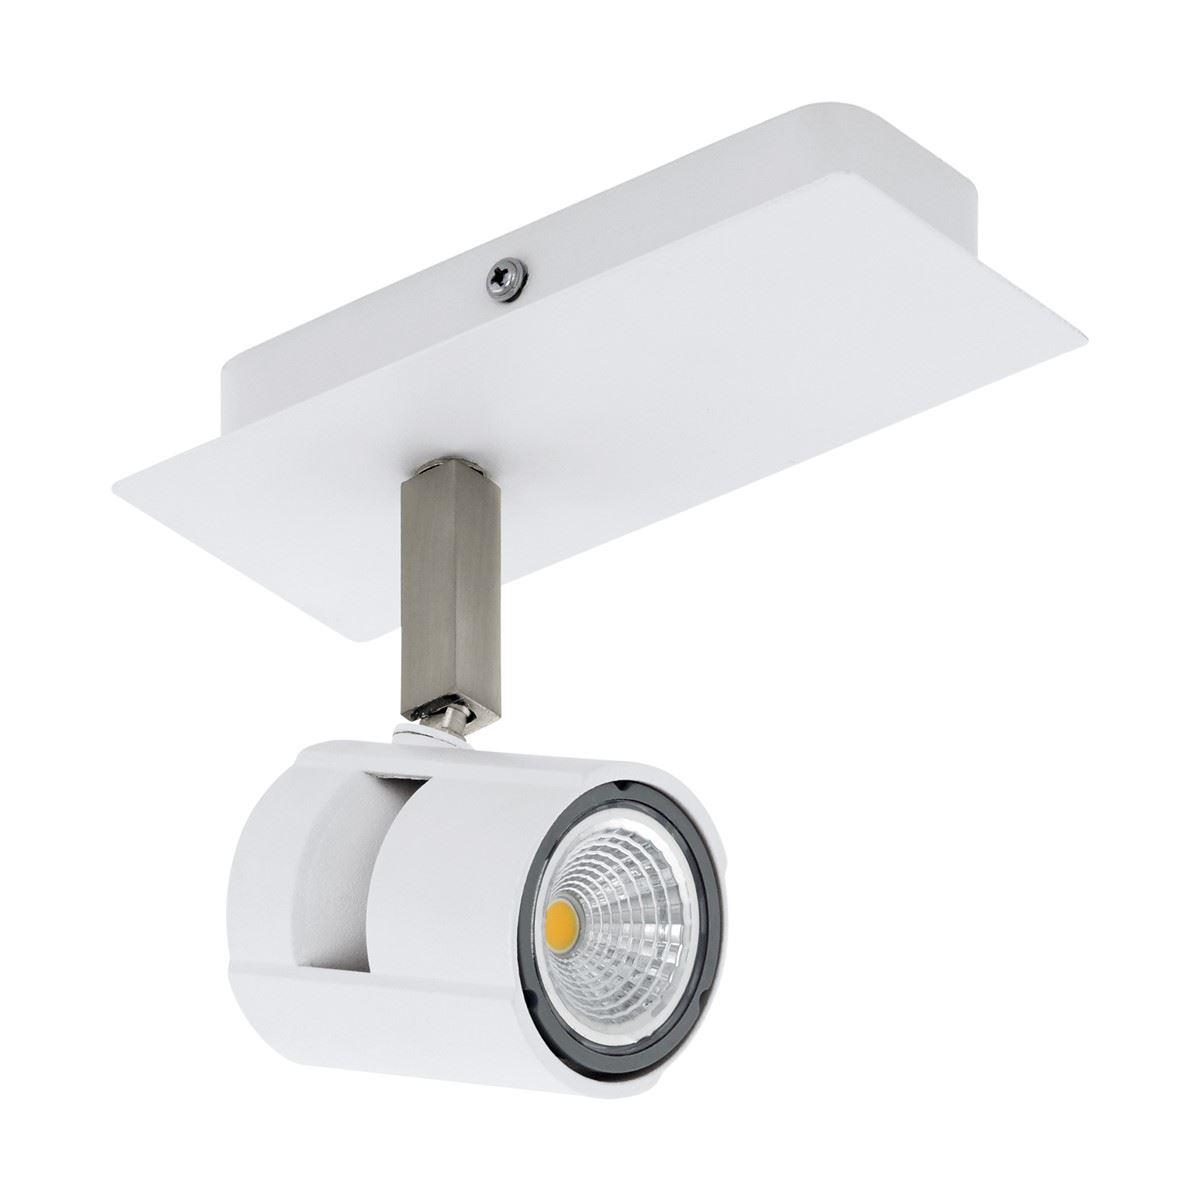 Vergiano Single Way Matt White & Nickel Round LED Ceiling Spotlight